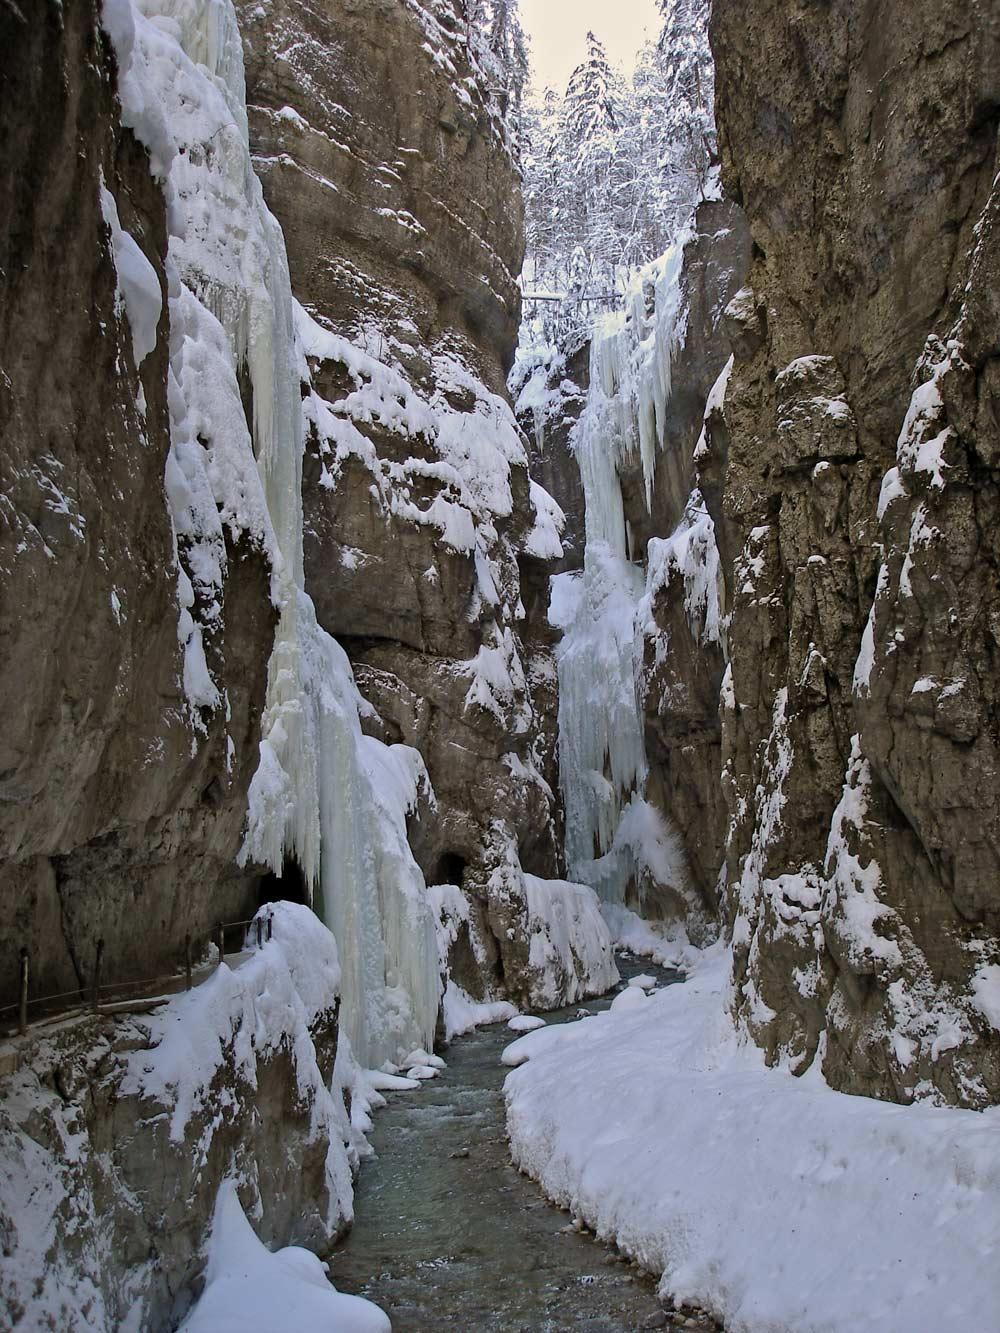 86 Meter bringt die größte Felswand mit sich